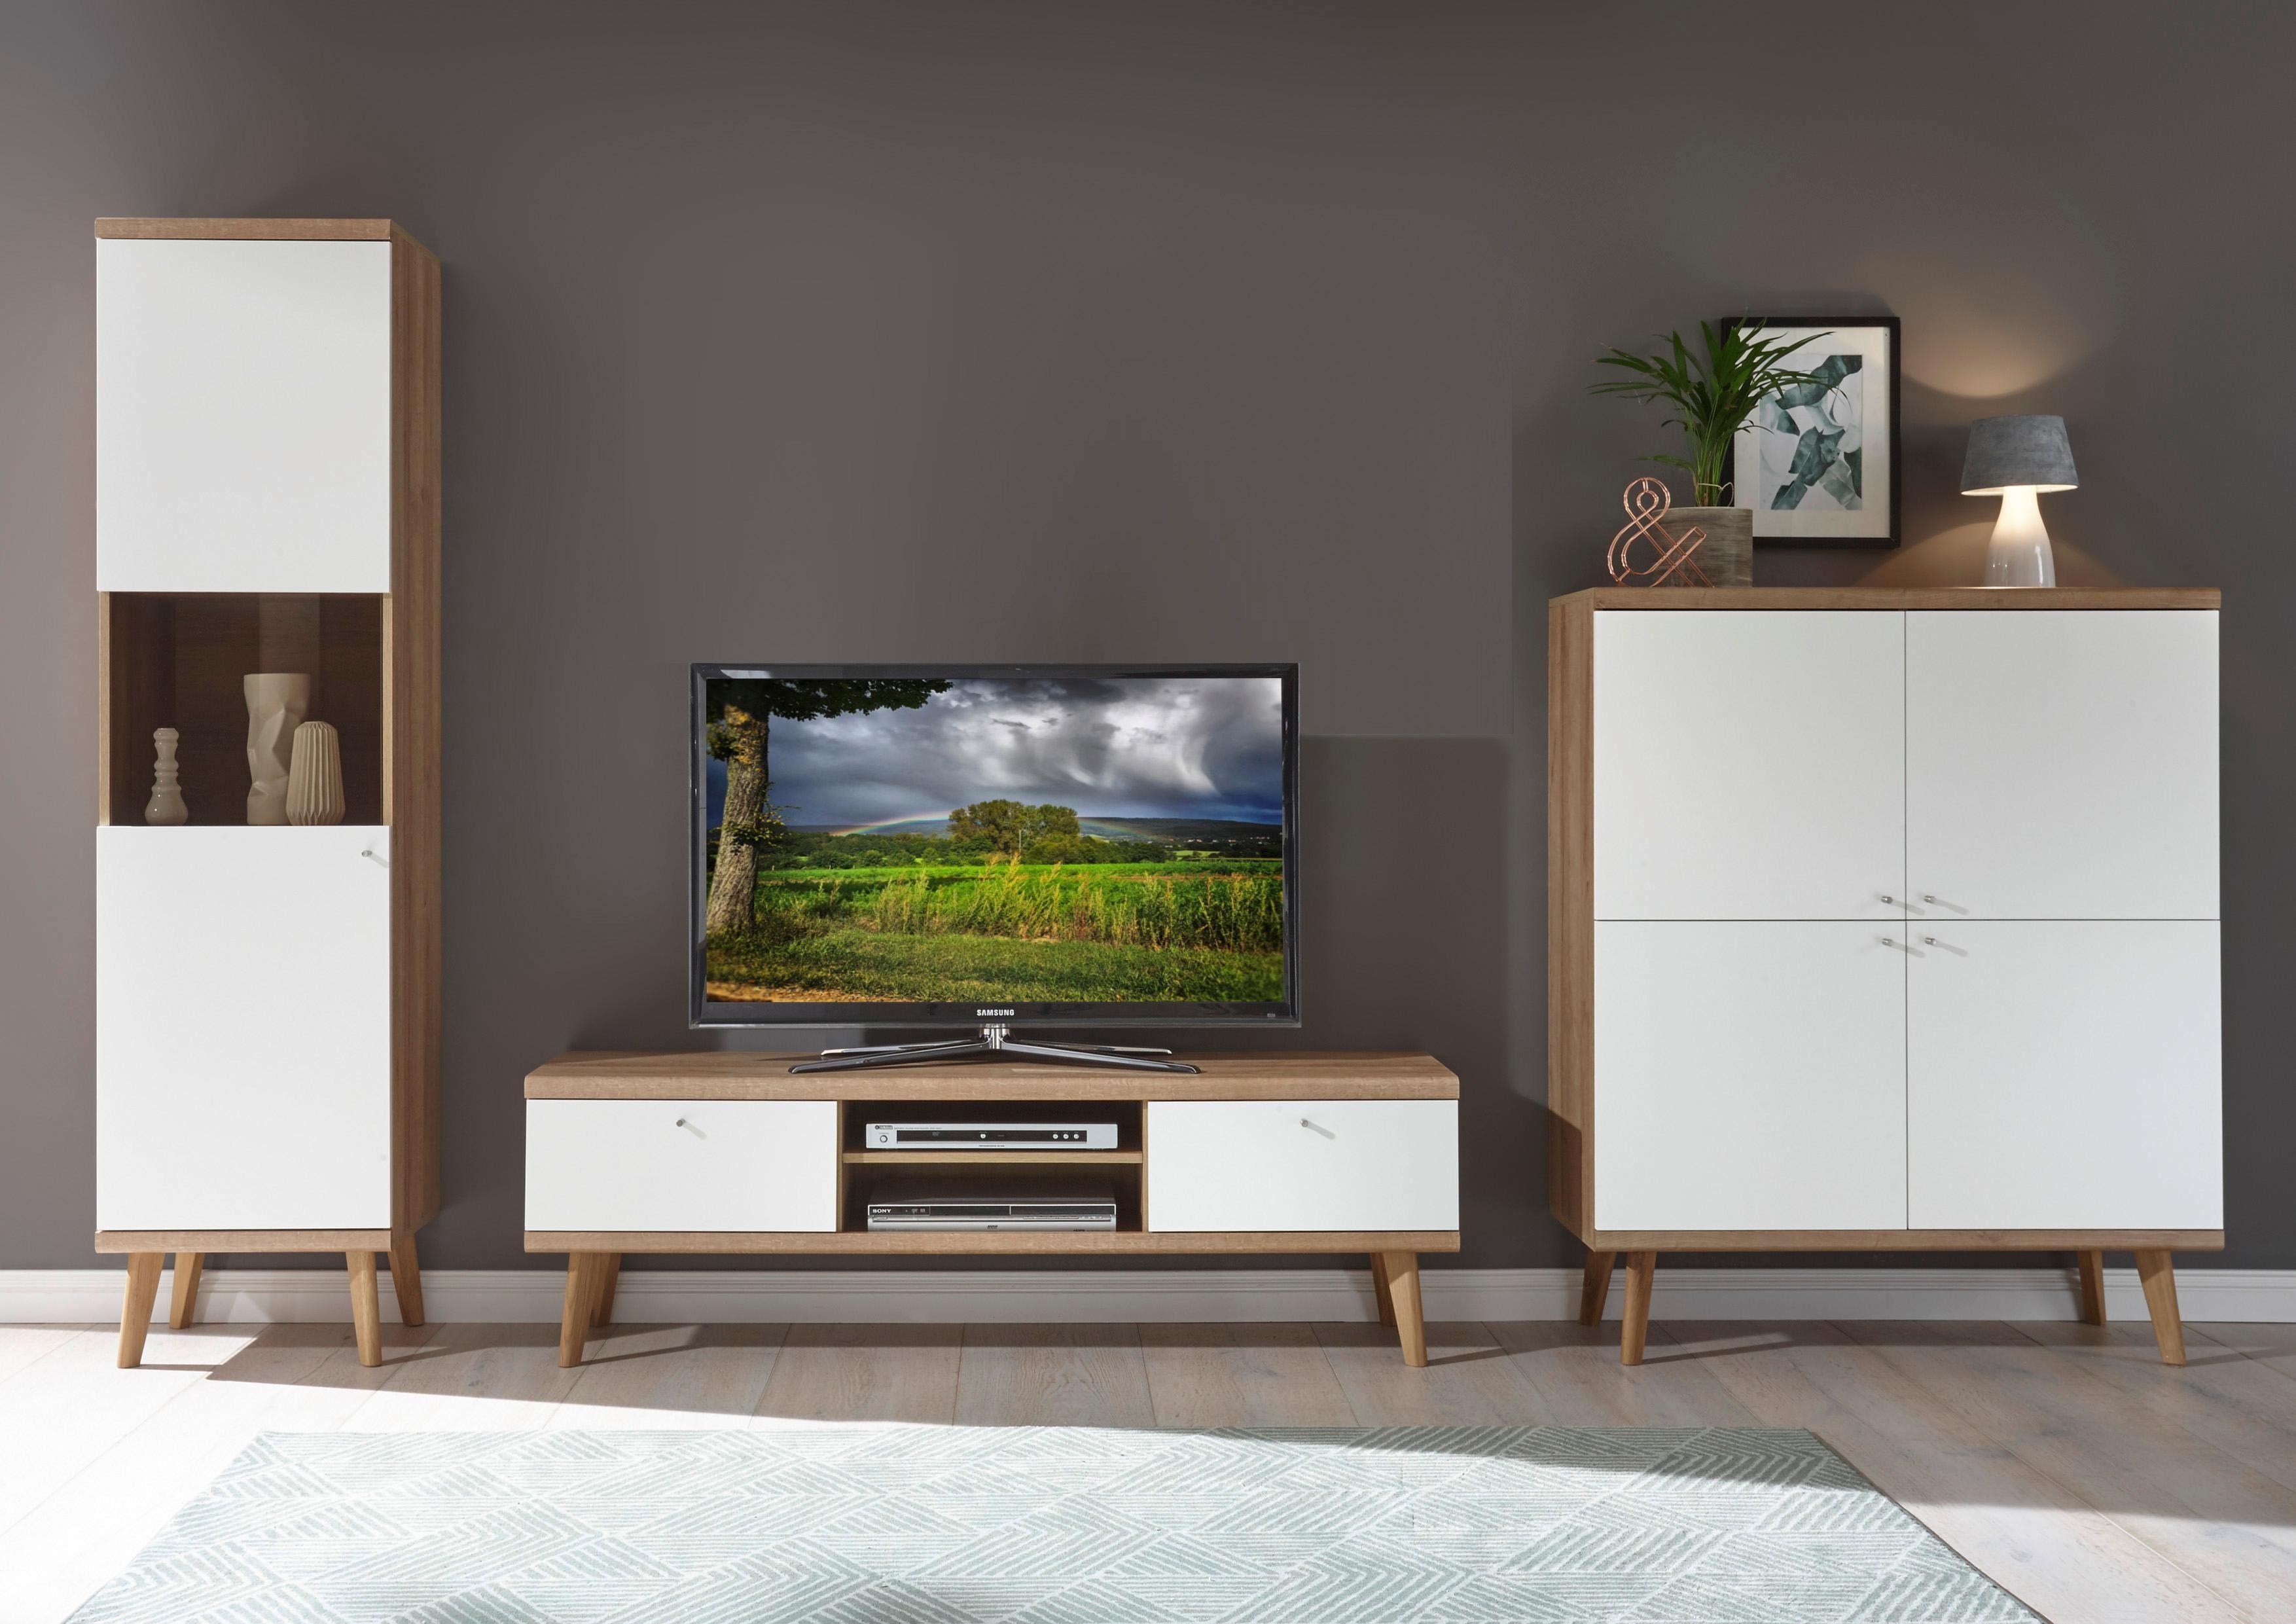 andas Wohnwand Merle im skandinavischen Design 3tlg Aus der freundin Home Collection 2019